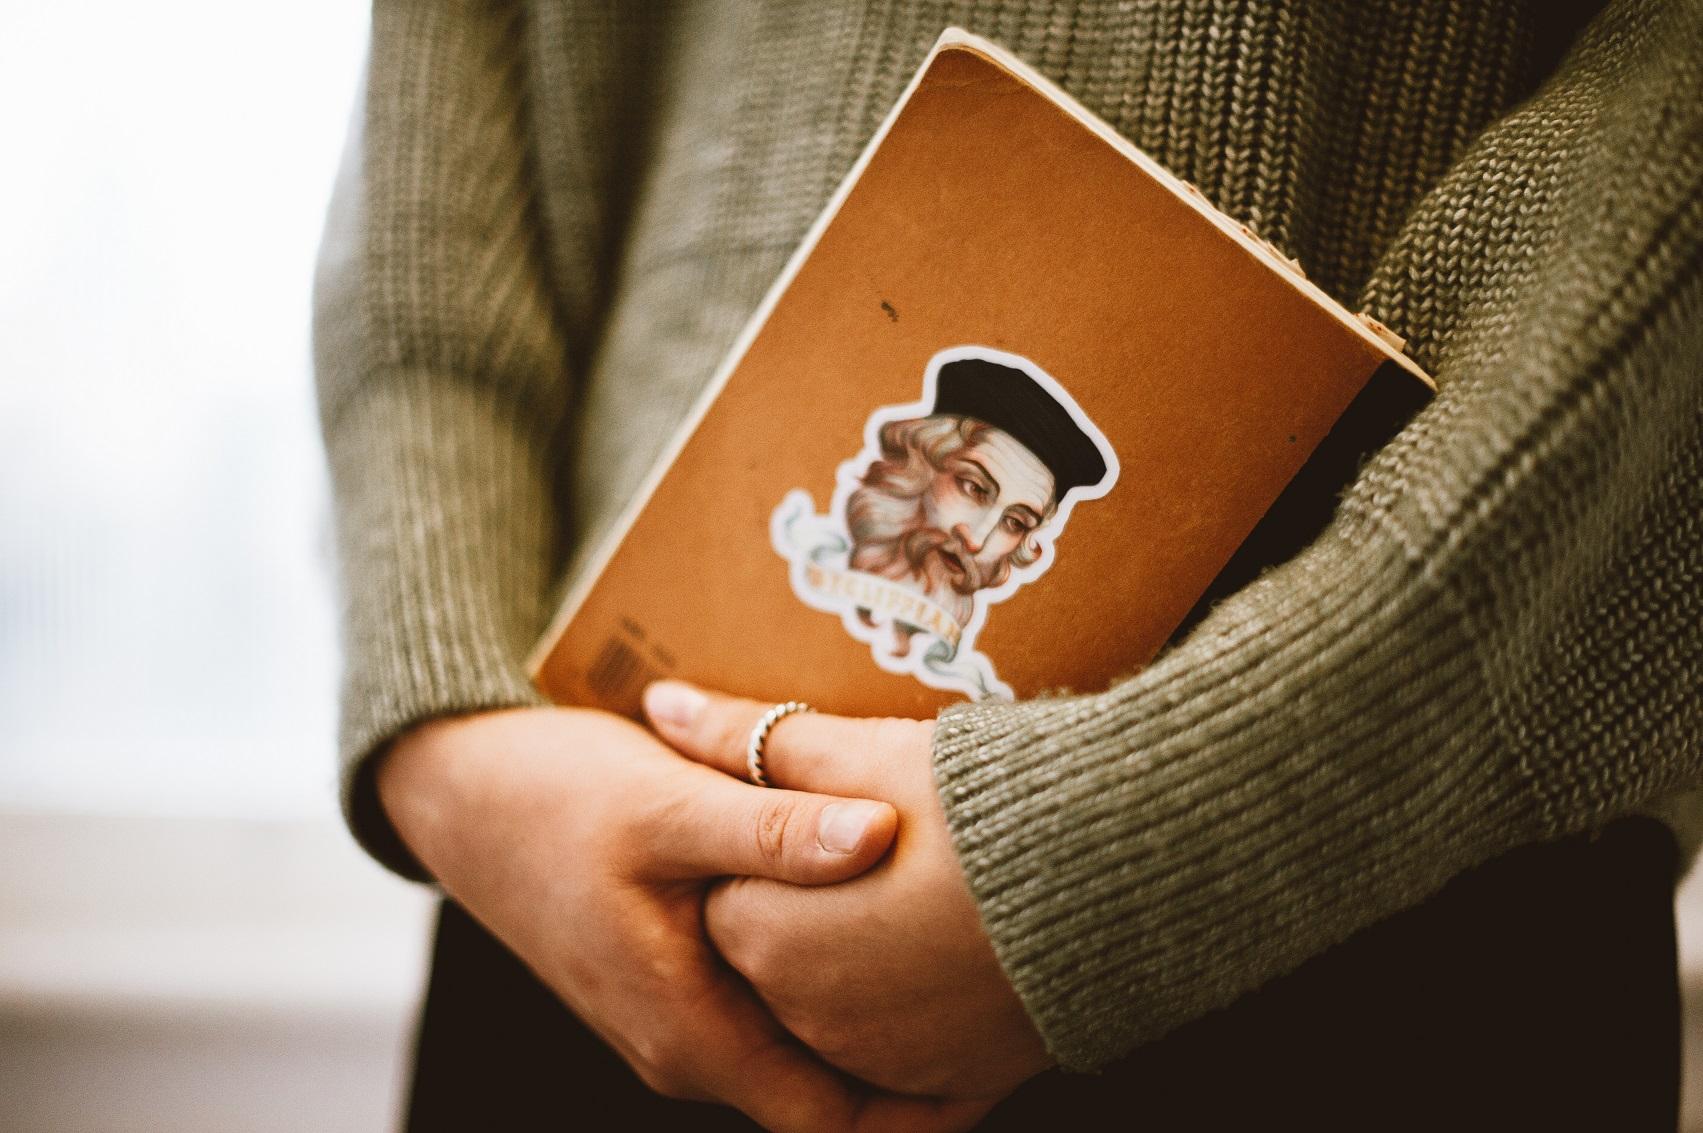 John Wycliffe reimagined - Wycliffian sticker designed by Joyce Shin